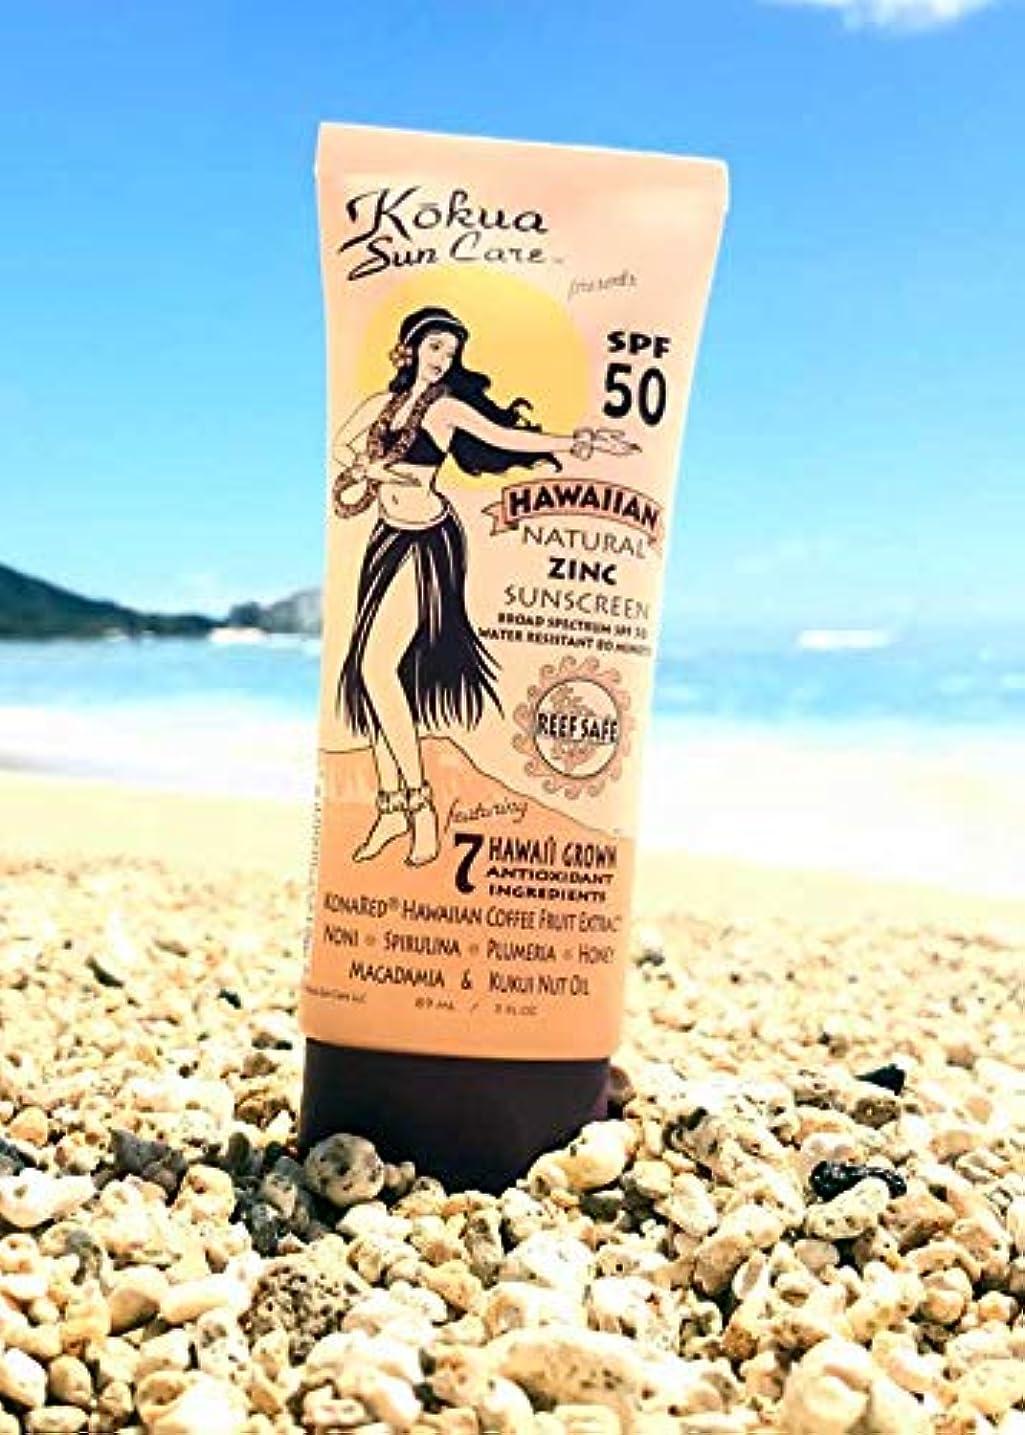 ジョリーギャザー圧倒的コクア サン ケア Kokua Sun Care 日焼け止め サンスクリーン オーガニック Natural Sunscreen SPF 50 89ml 3FL OZ